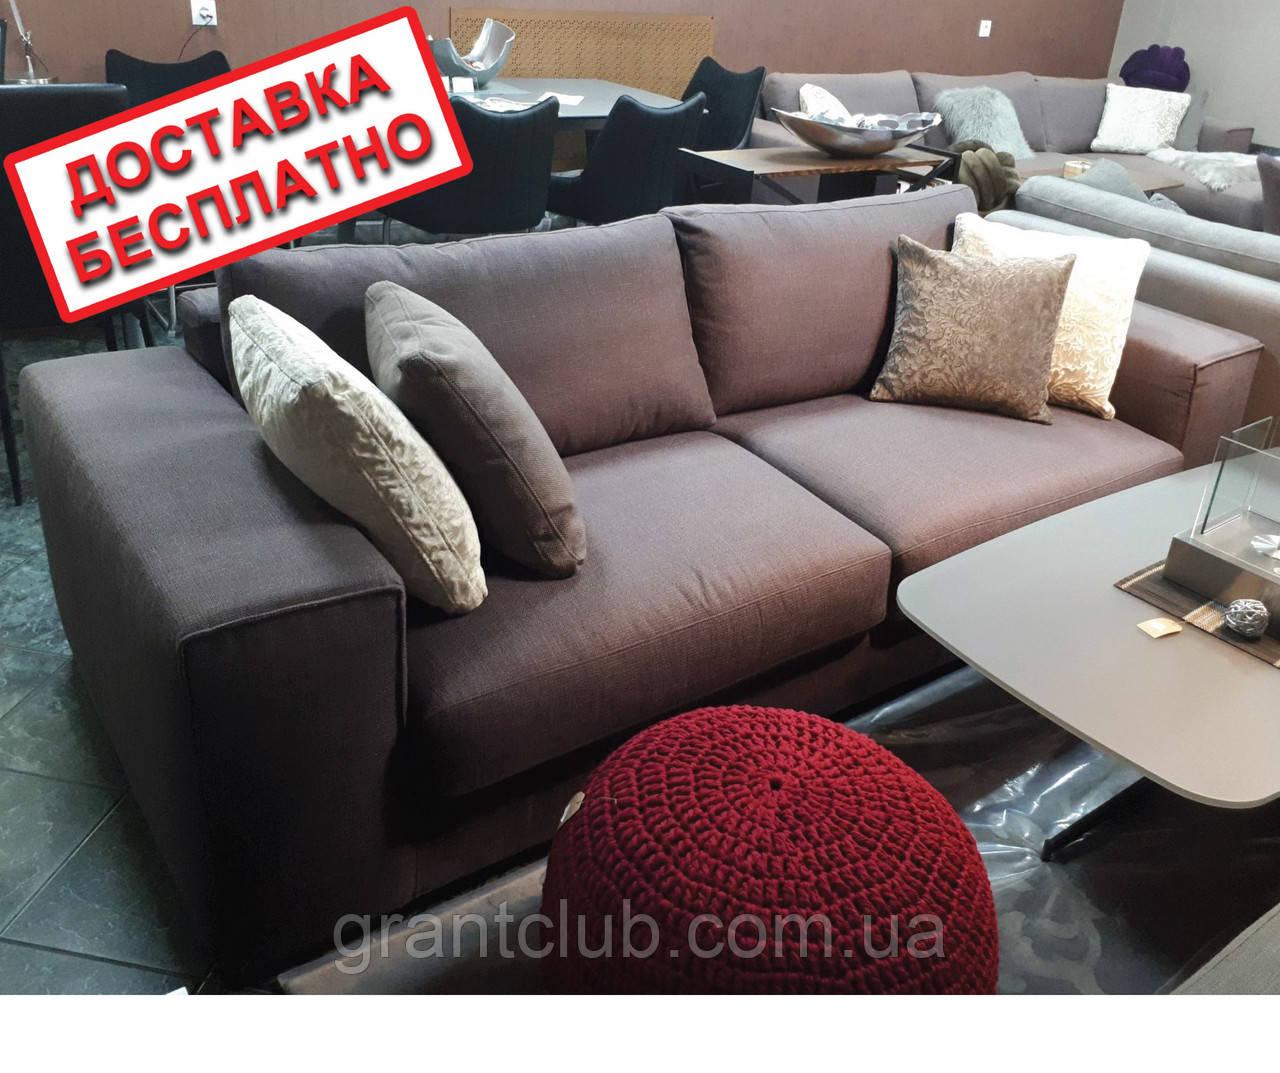 Раскладной коричневый диван MANHATTAN 250 см ALBERTA (Италия) бесплатная доставка